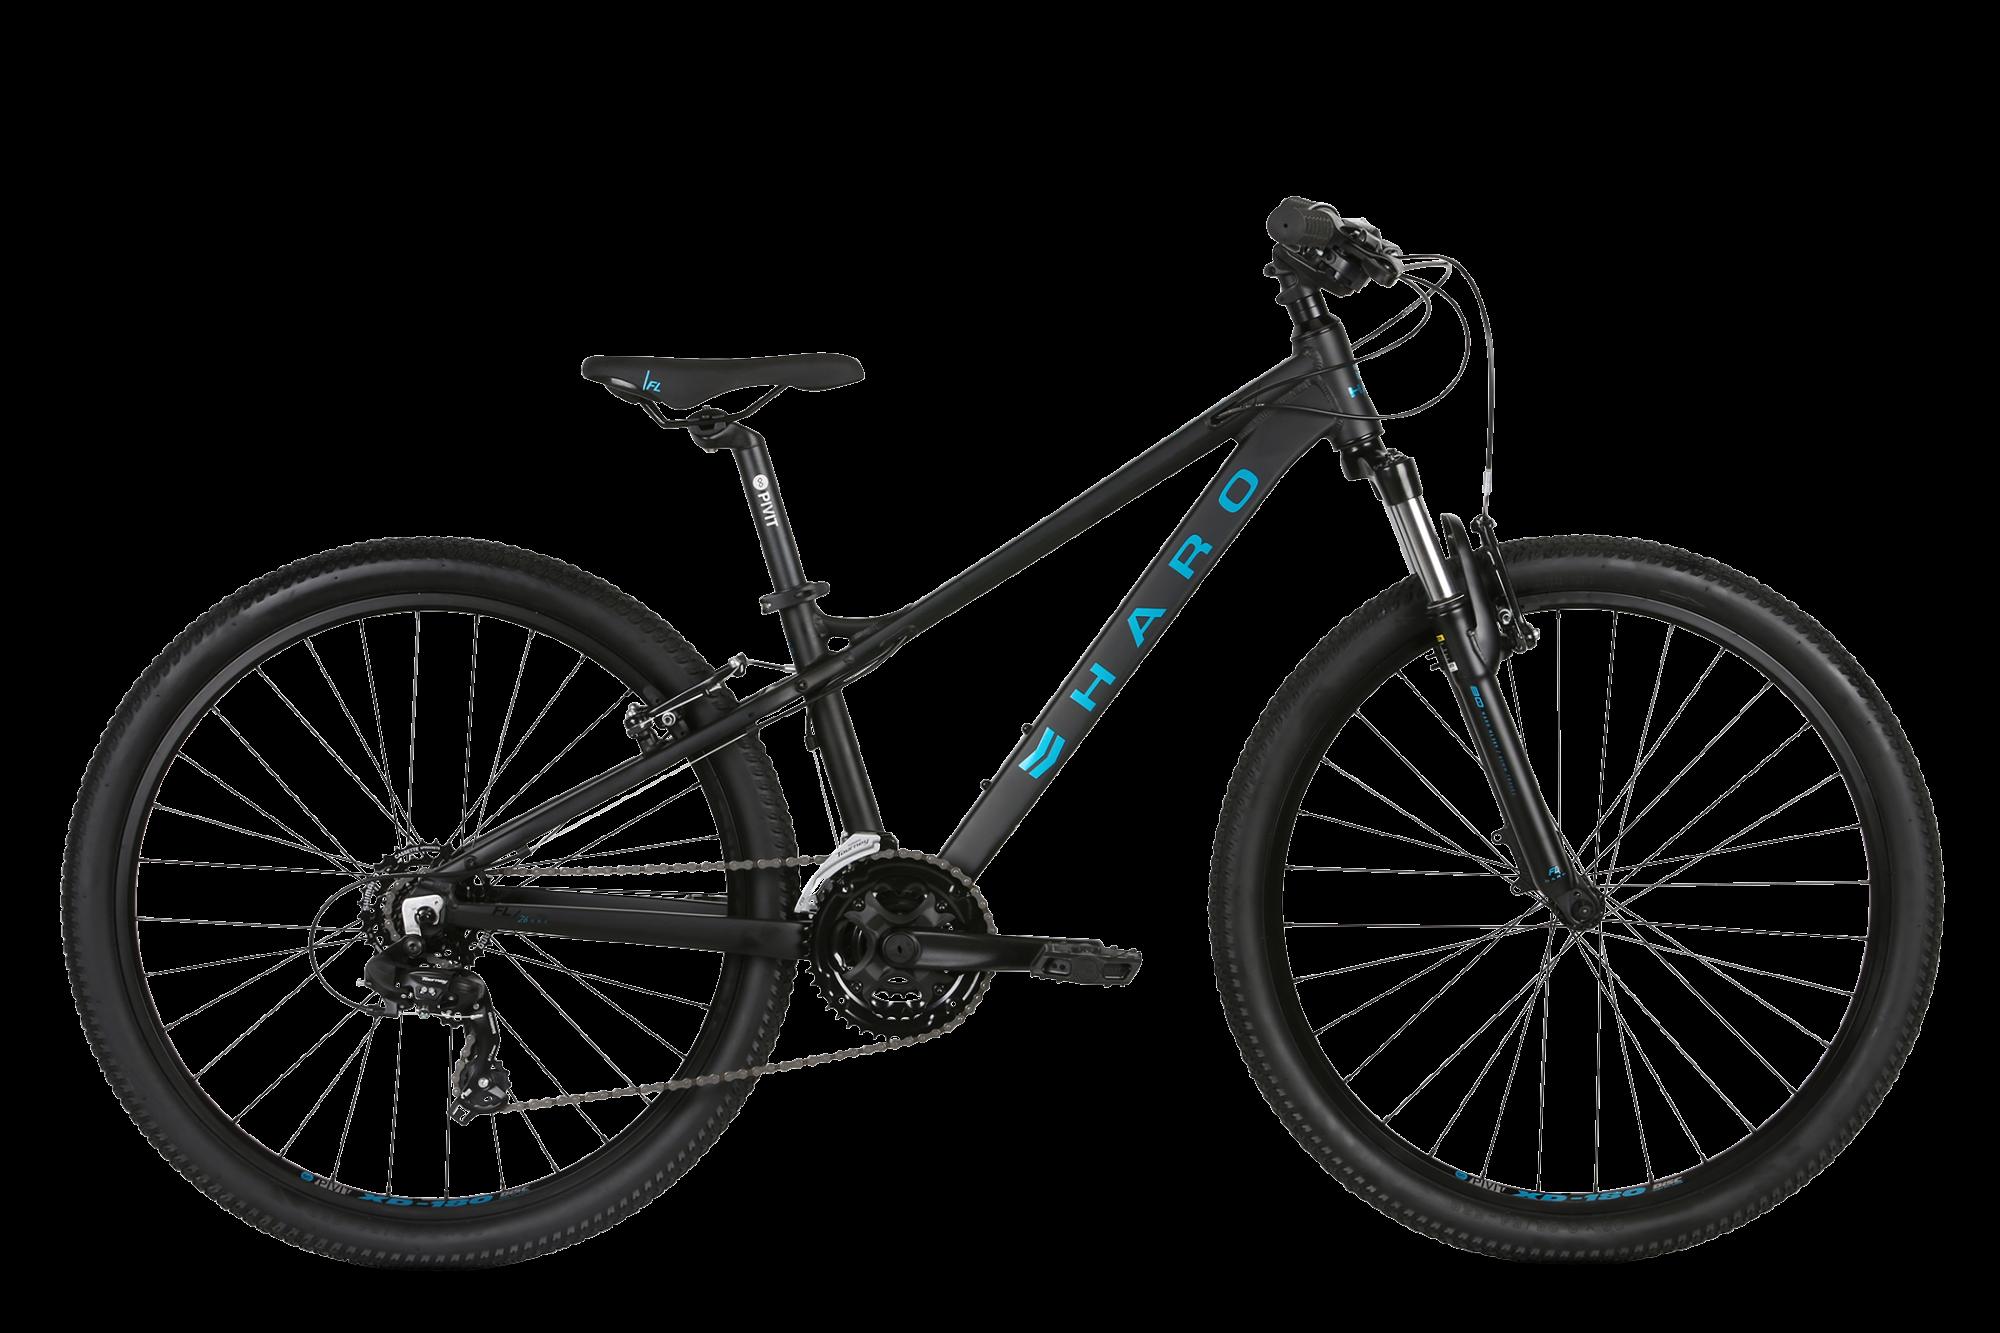 HARO FLIGHTLINE ONE 26 BICYCLE 2021